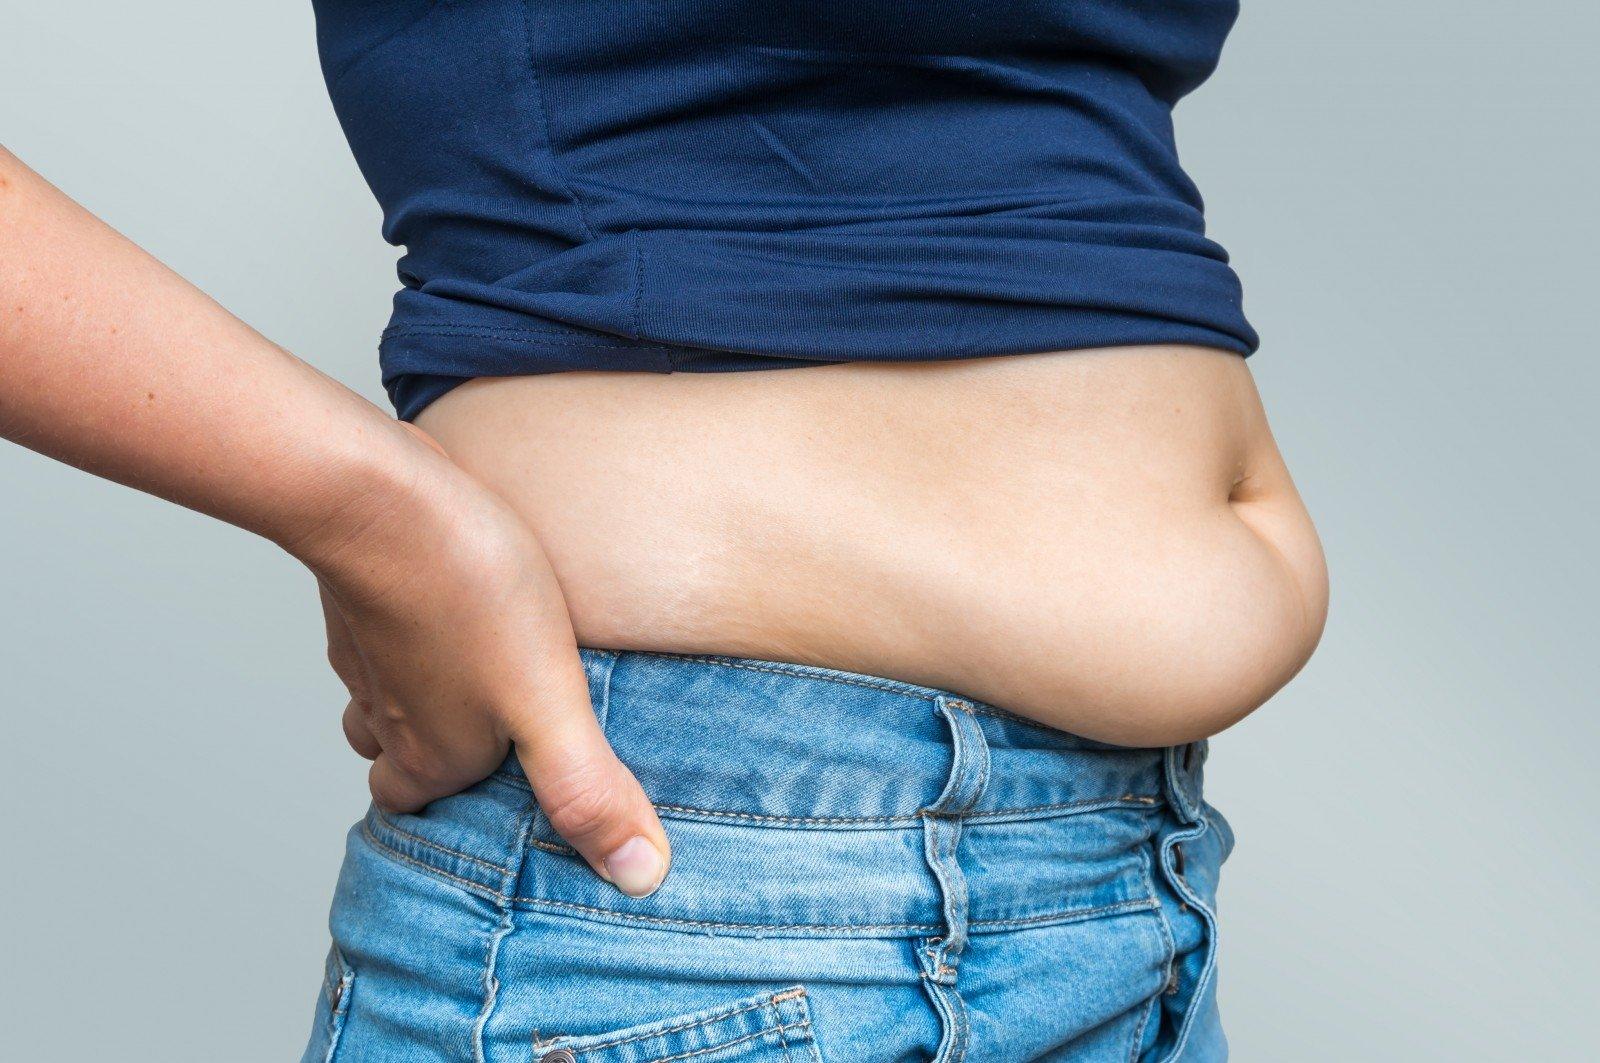 maisto produktai, kuriuos galima valgyti sergant hipertenzija ar įmanoma gauti neįgaliųjų grupę dėl hipertenzijos